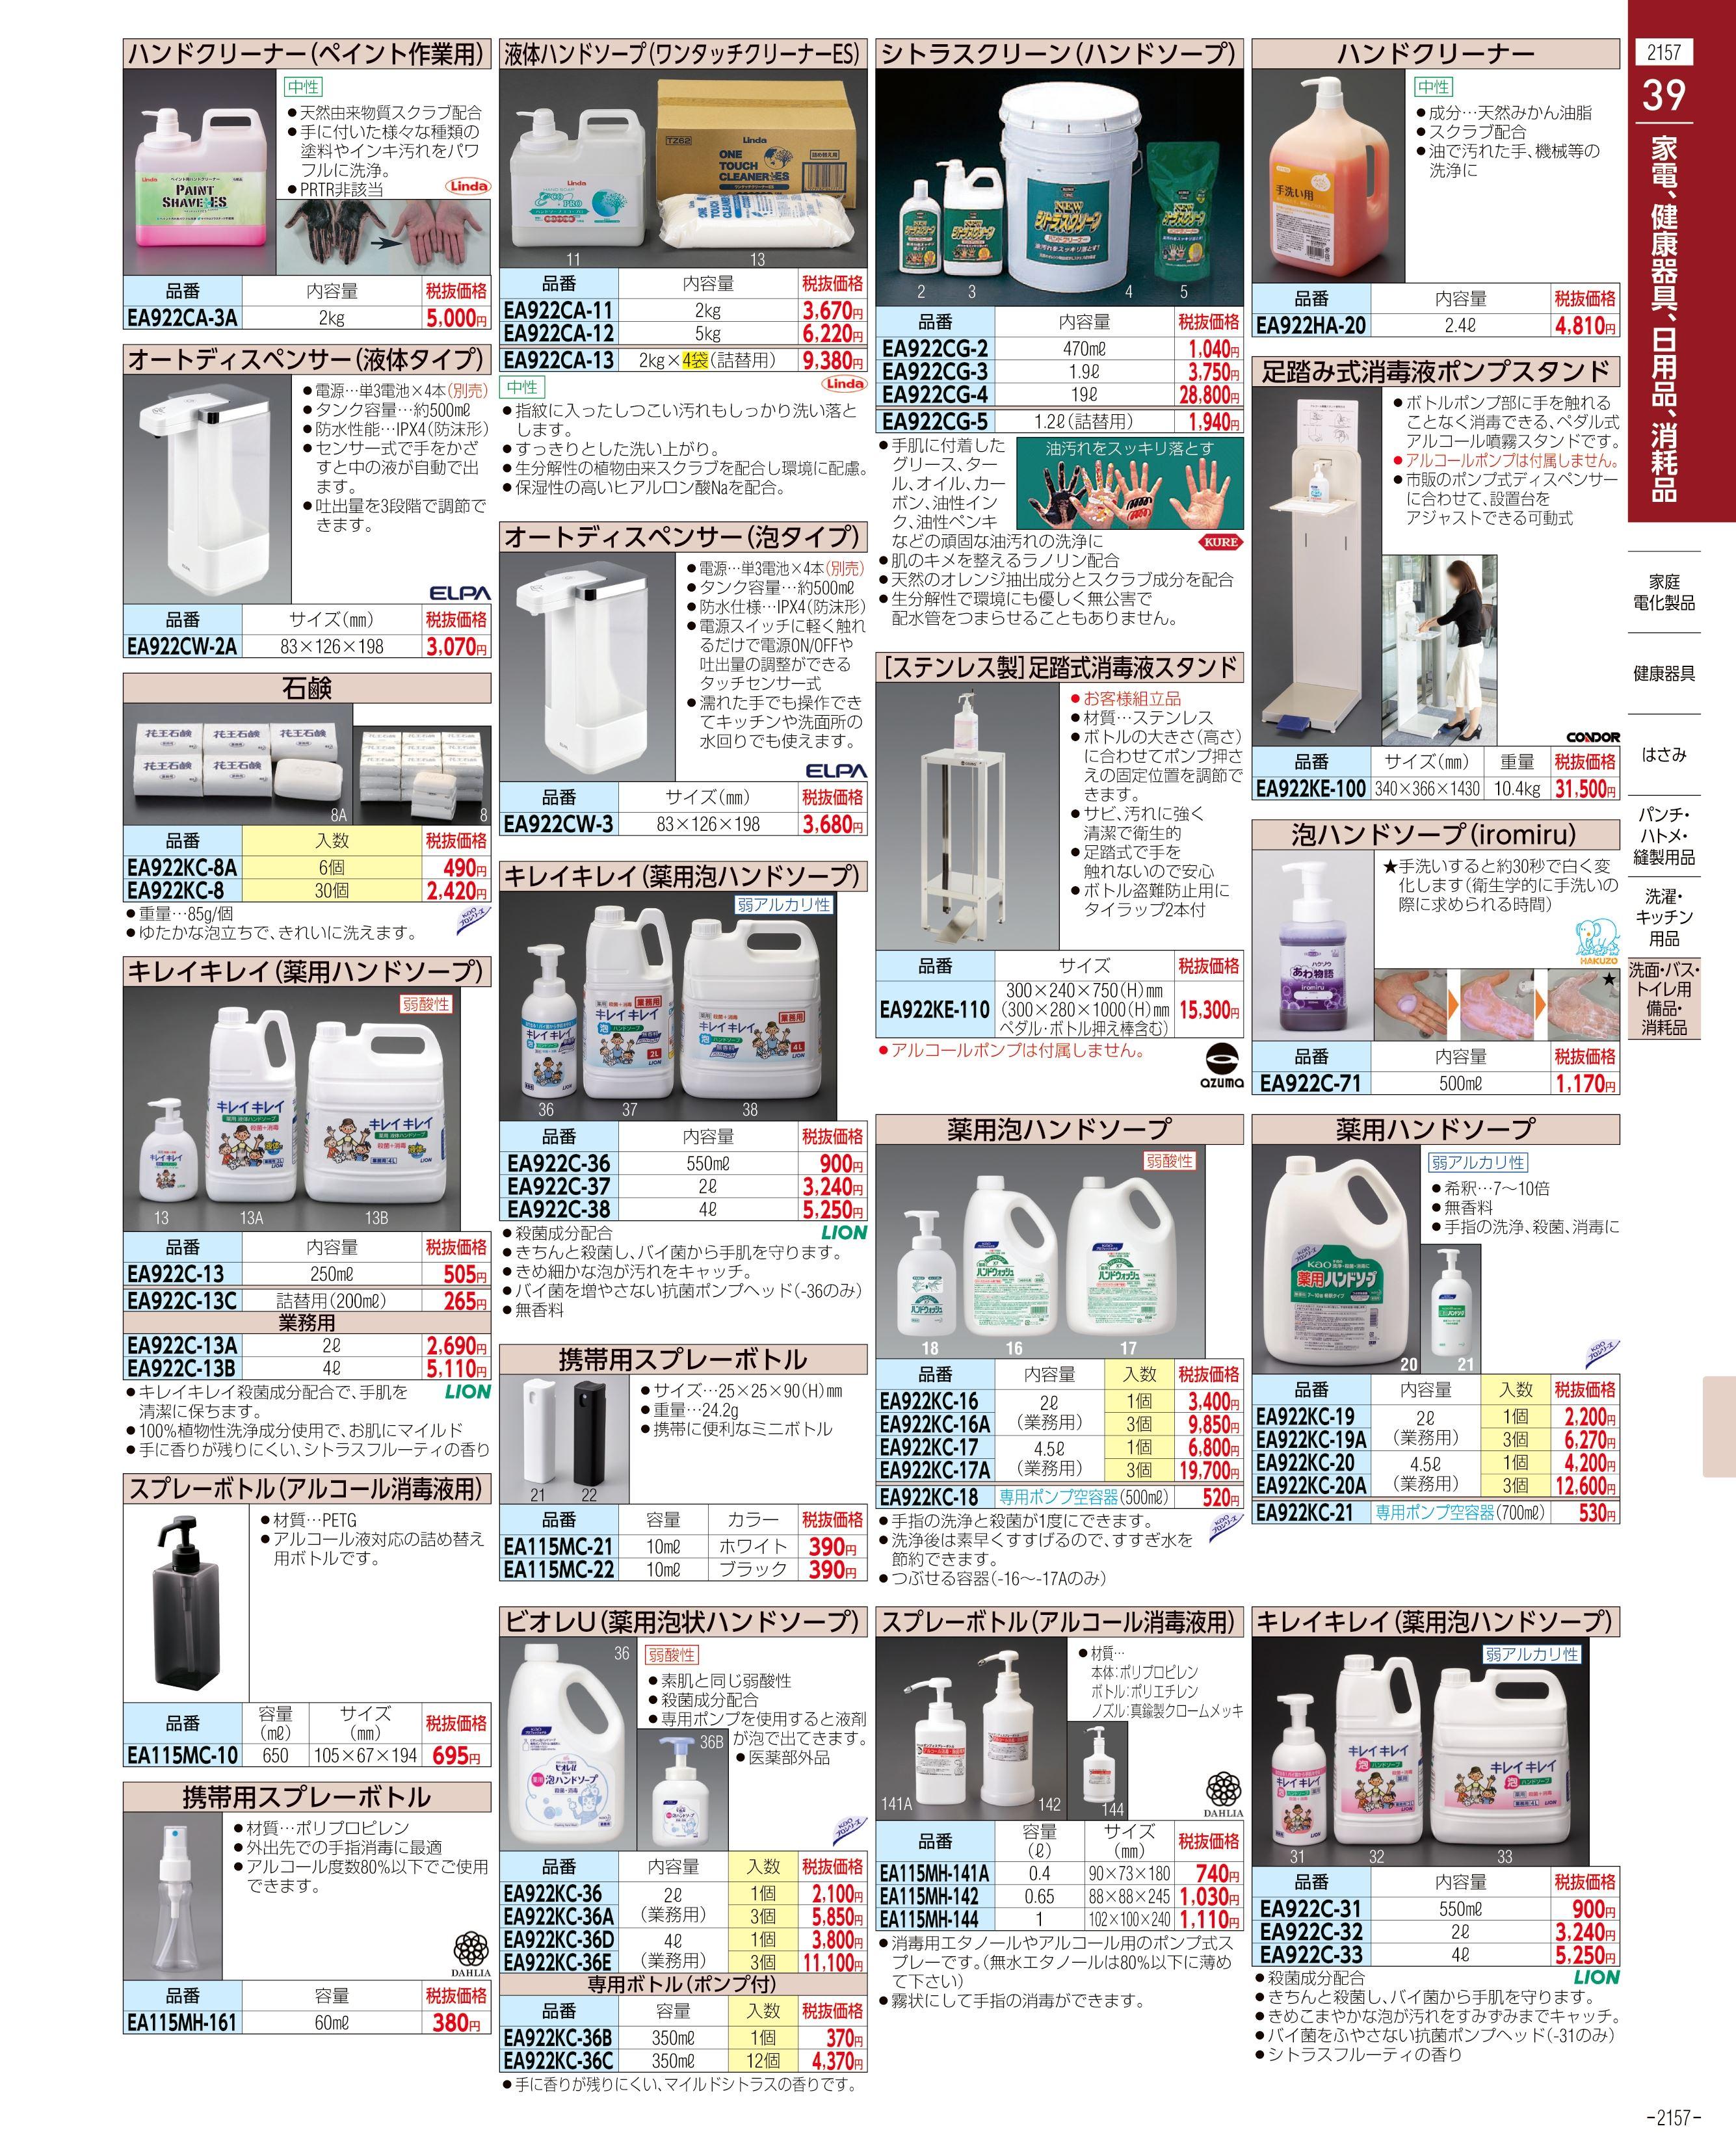 エスコ便利カタログ2157ページ